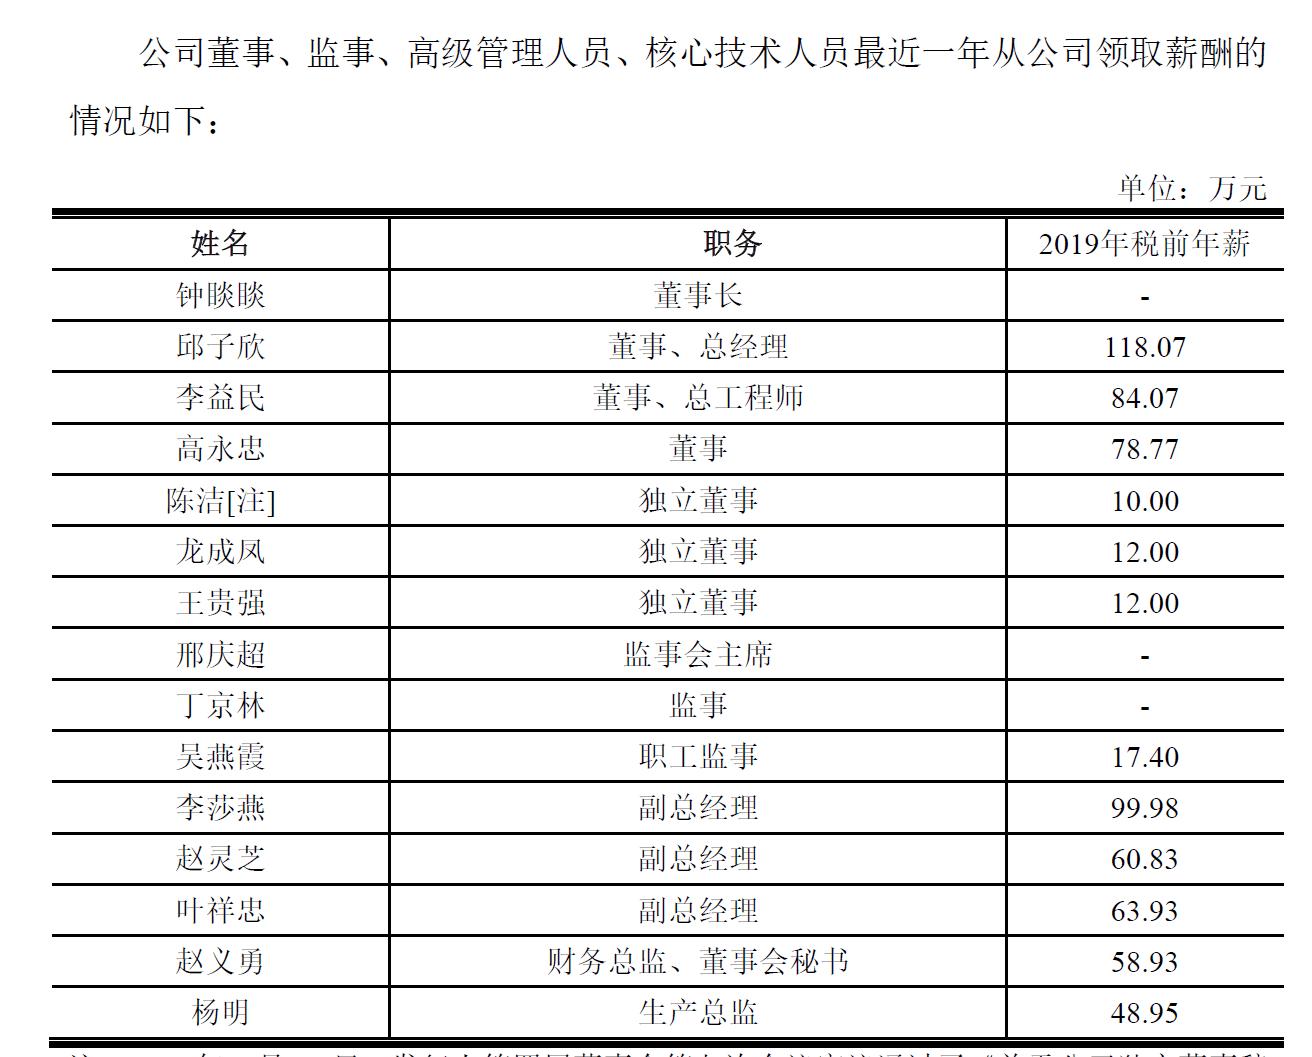 首富钟睒睒辞职,万泰生物股价下跌,新董事长邱子欣什么来头?